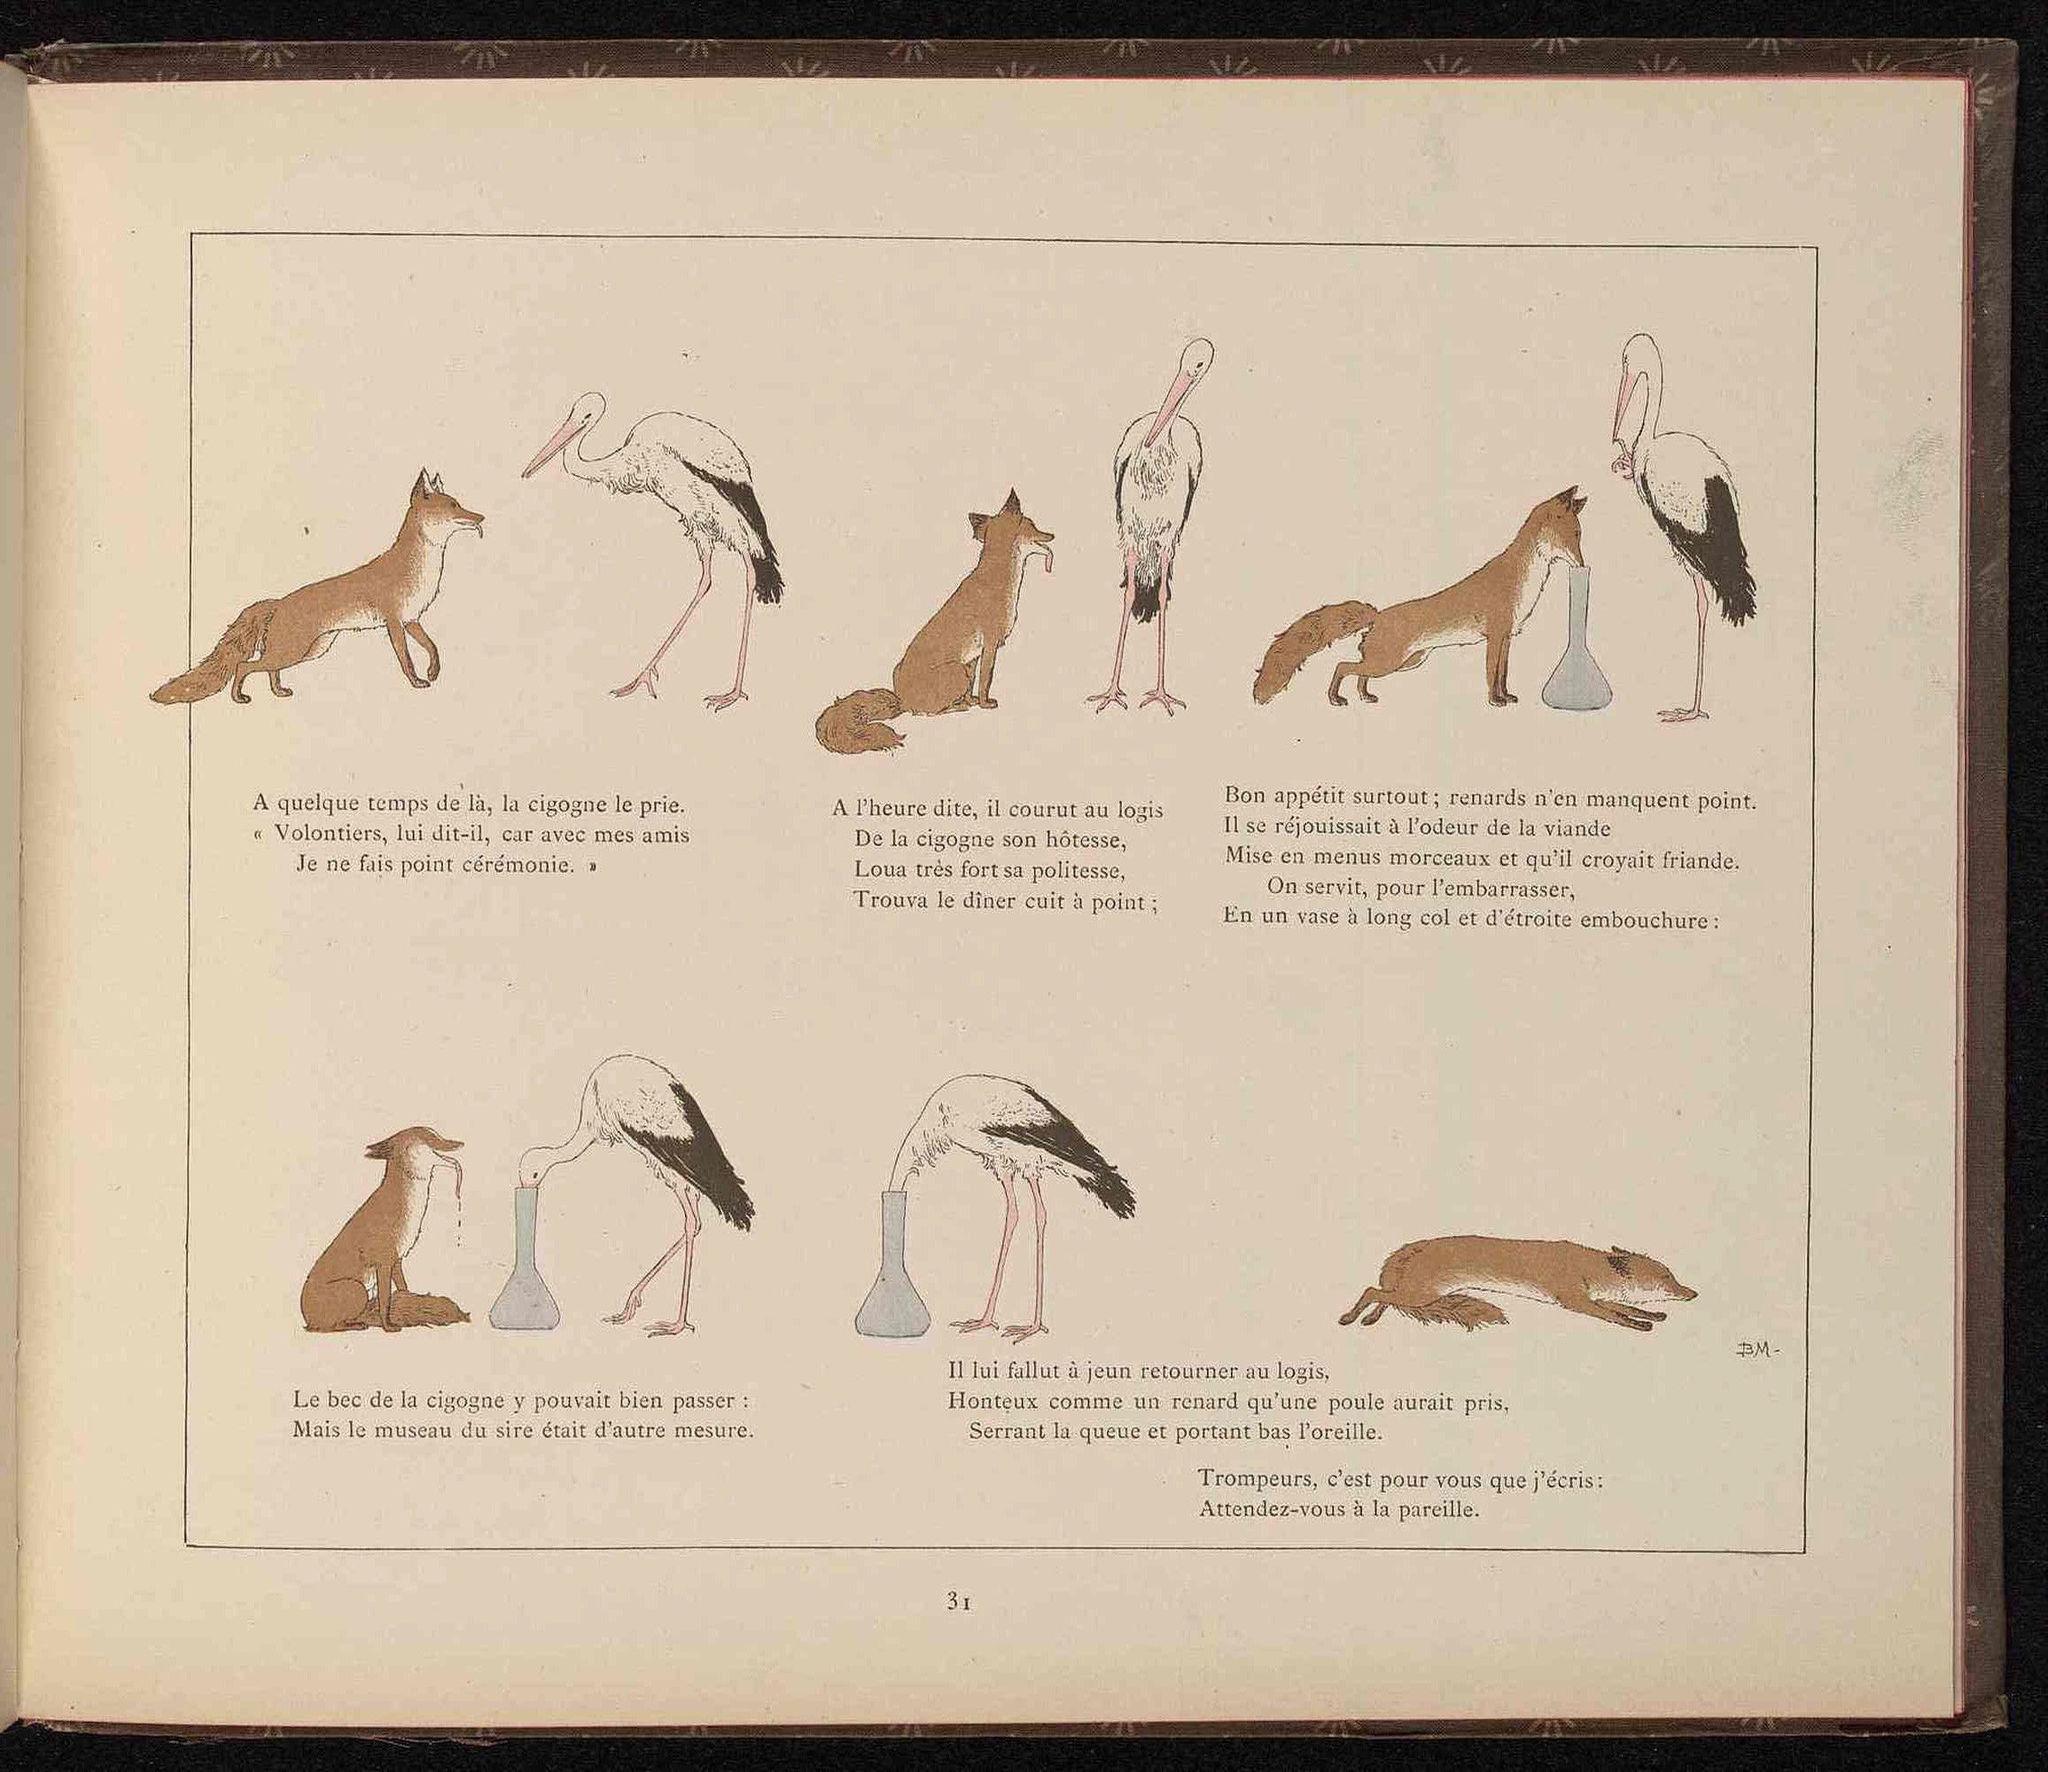 Dessins fables de la fontaine pour enfants dessins fables de la fontaine pour enfants le - Le renard et la cigogne dessin ...